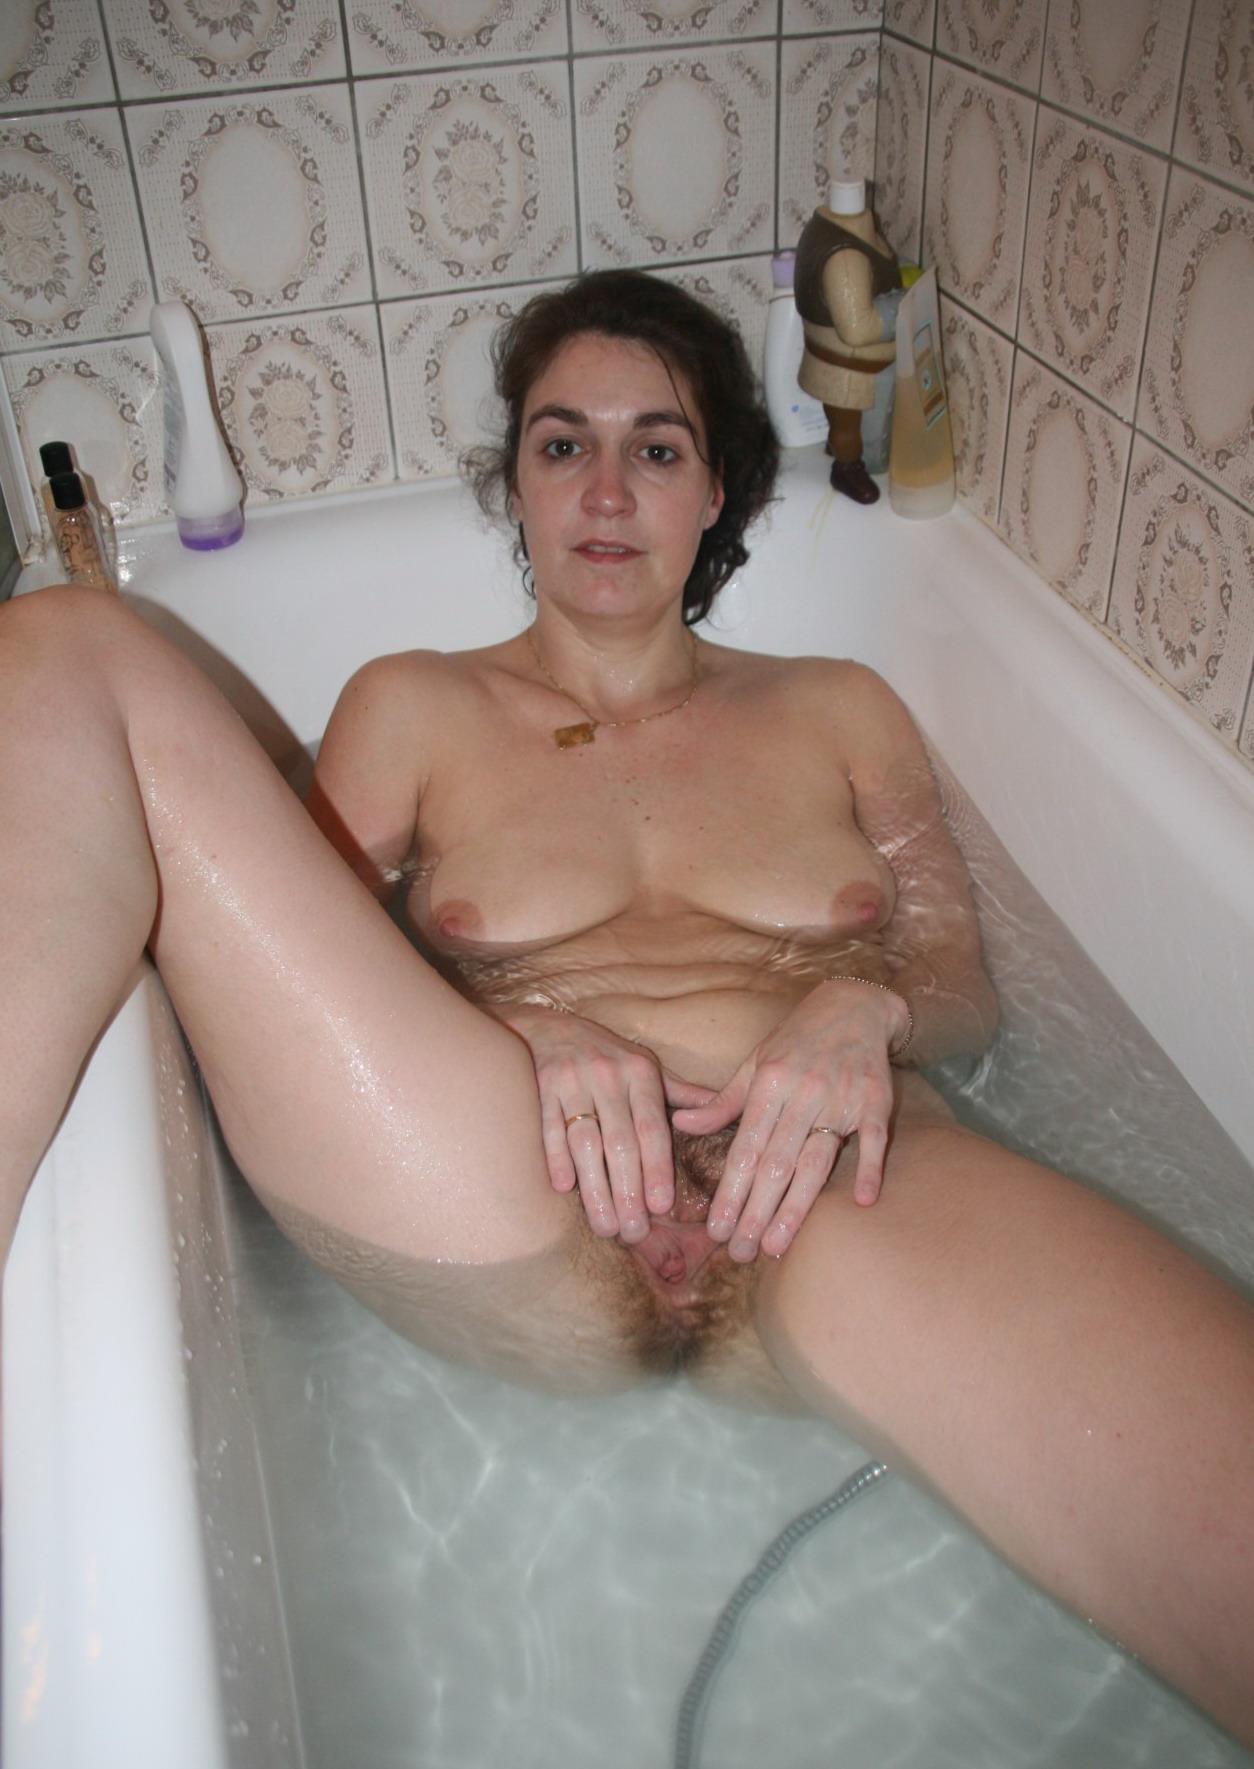 Сын мылся в ванной а мать увидела порно 11 фотография